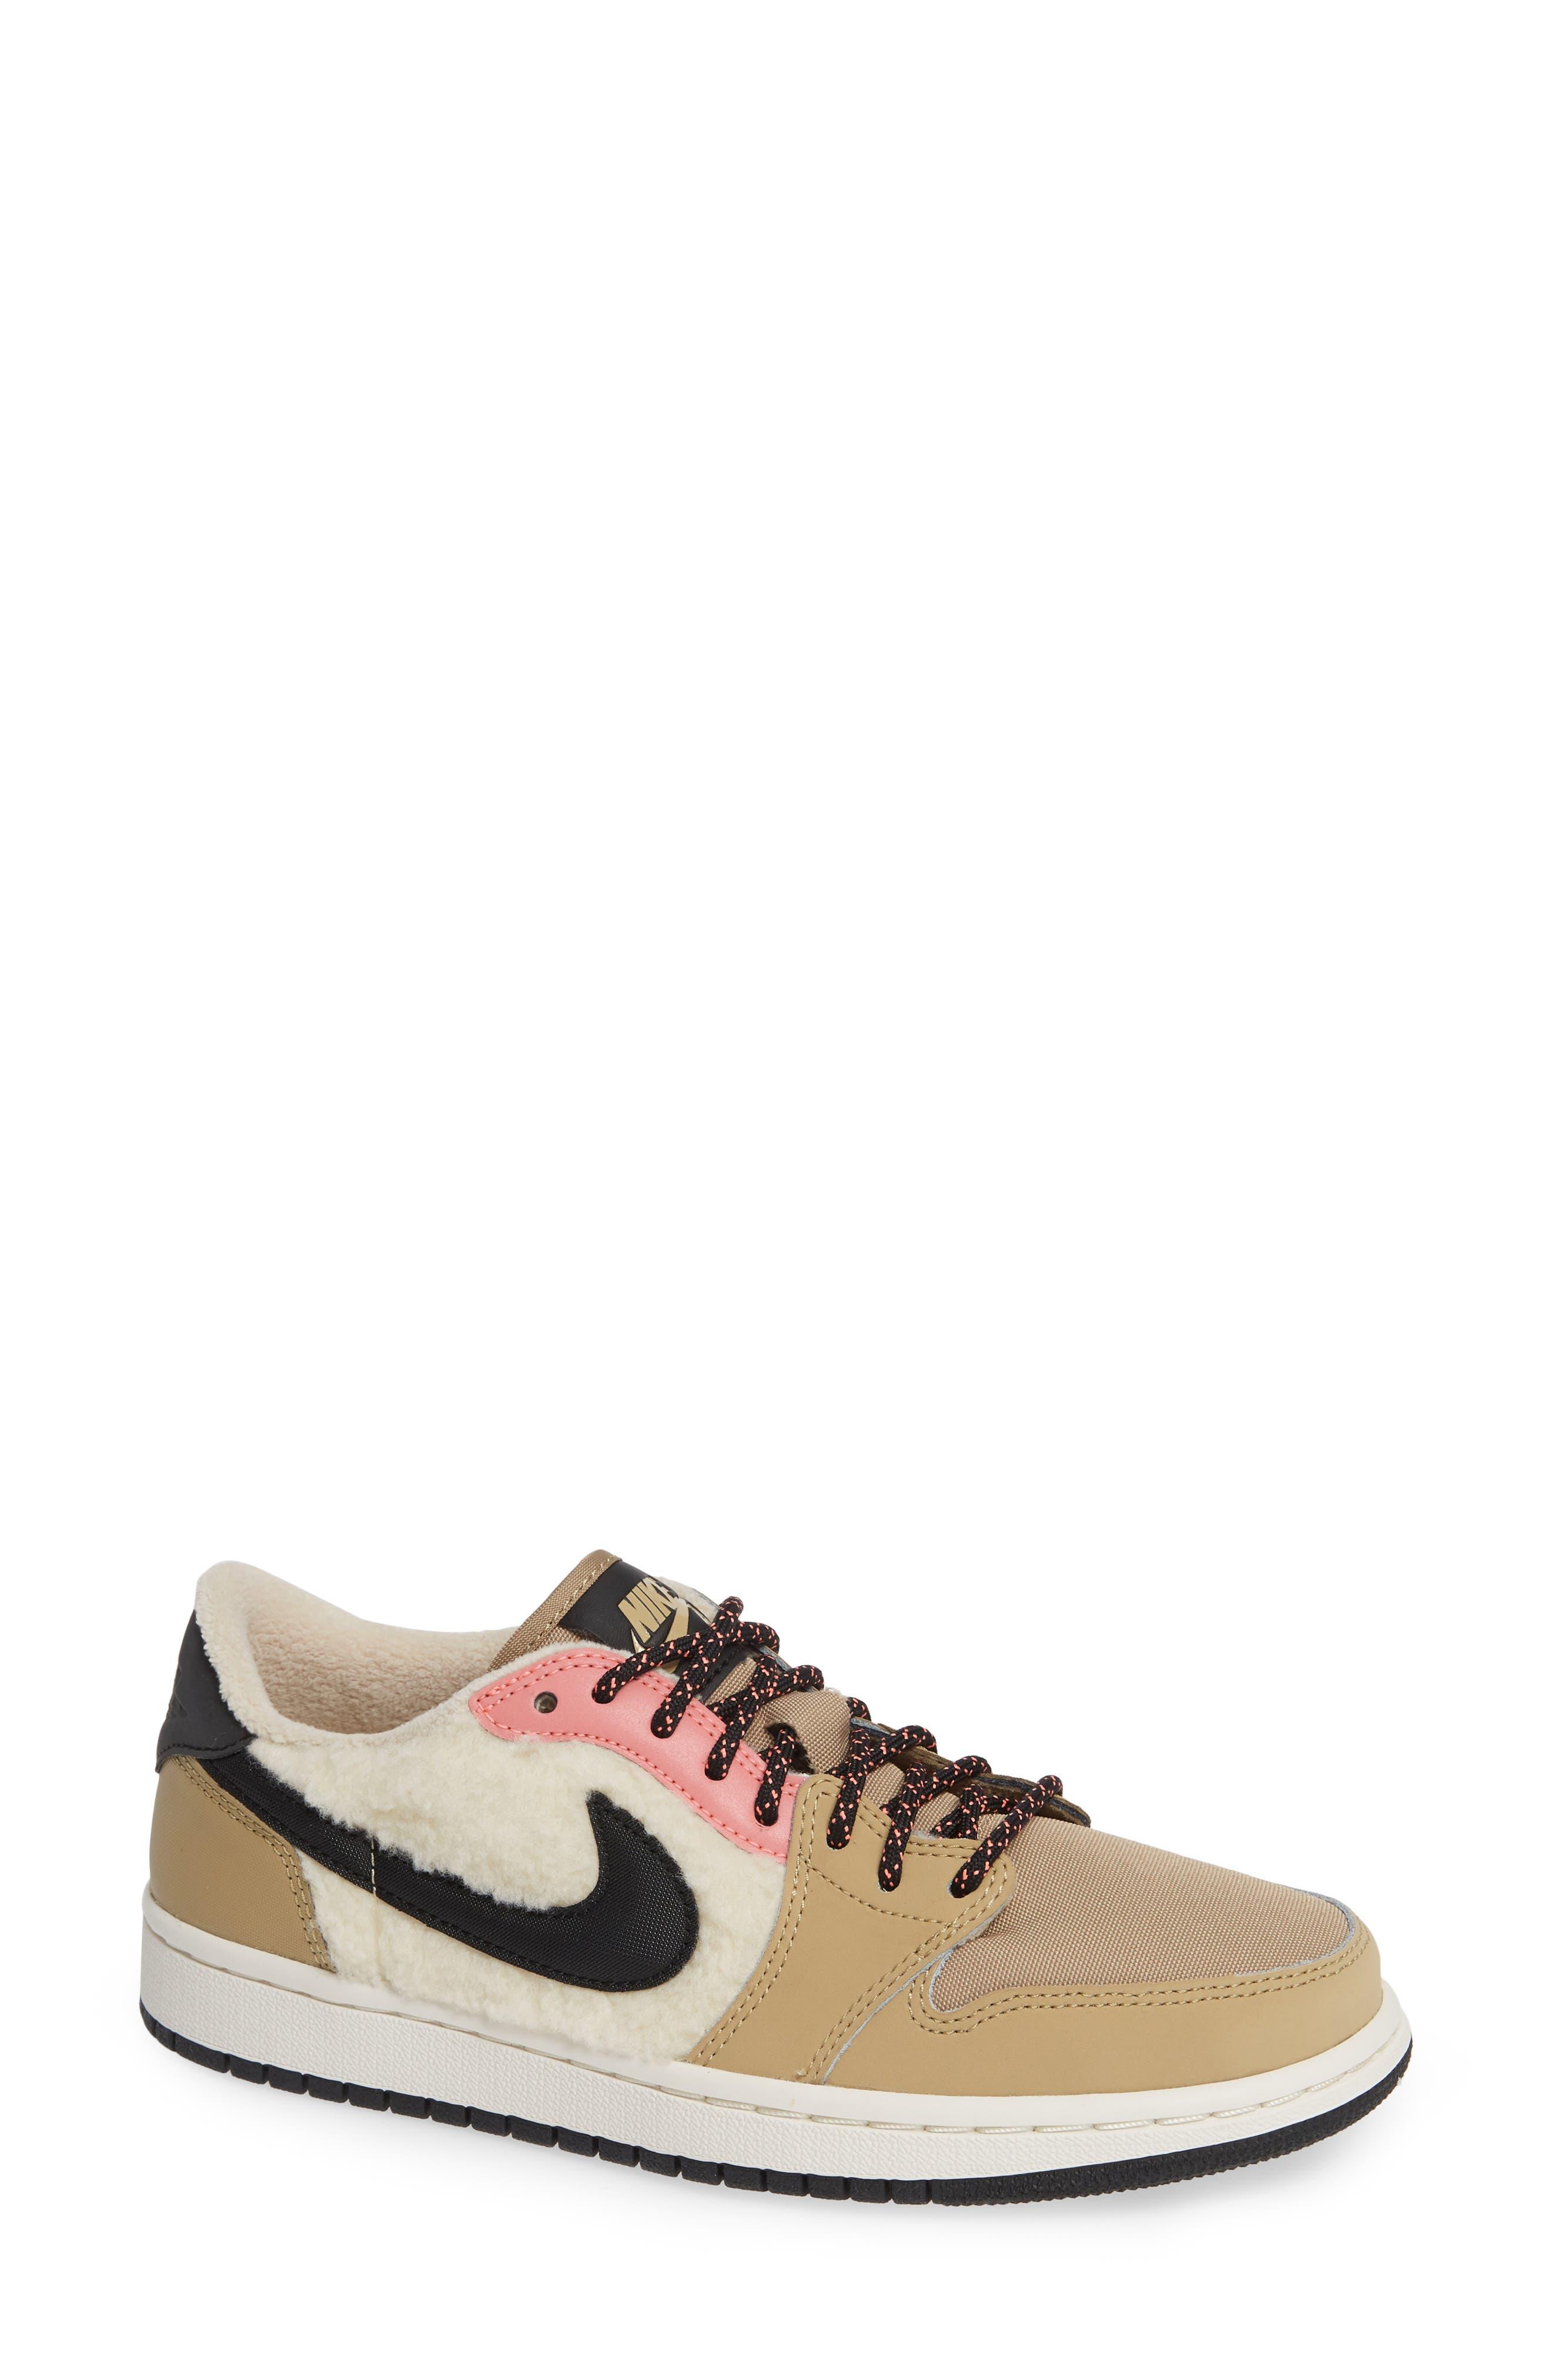 NIKE Air Jordan 1 Retro Low OG Sneaker, Main, color, 200